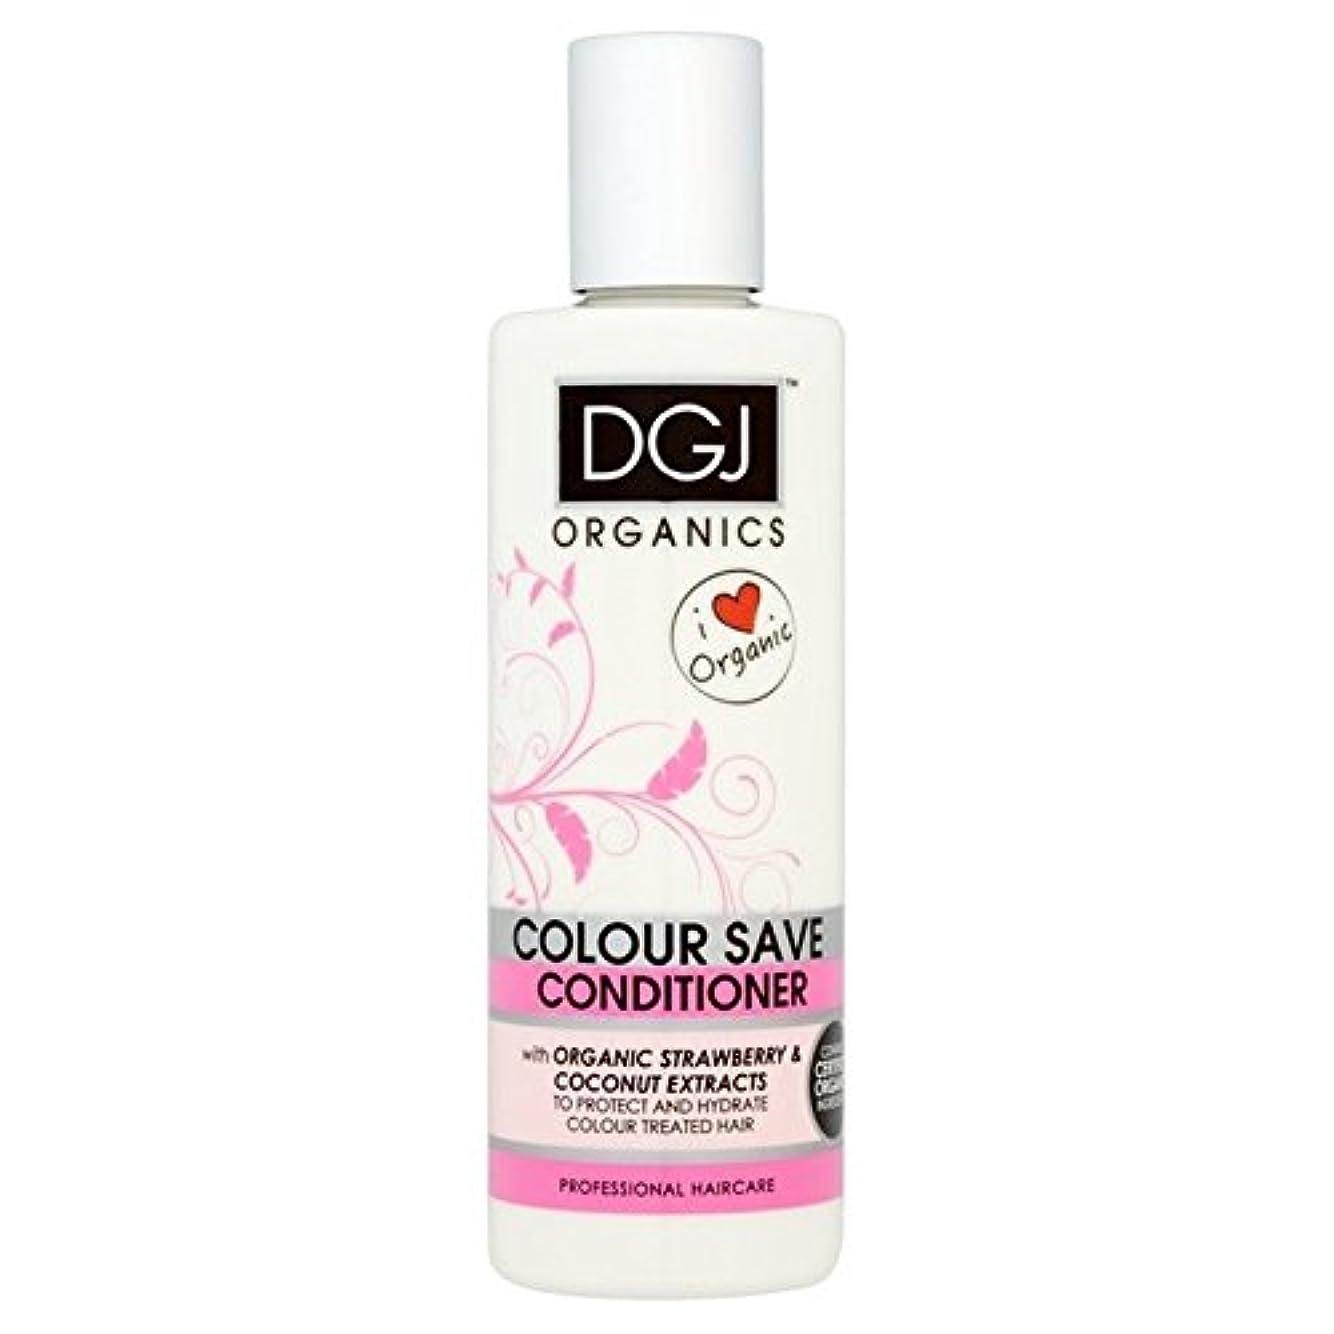 熟達したエレクトロニックフィッティングDGJ Organics Colour Save Conditioner 250ml (Pack of 6) - 有機物の色コンディショナー250を保存 x6 [並行輸入品]